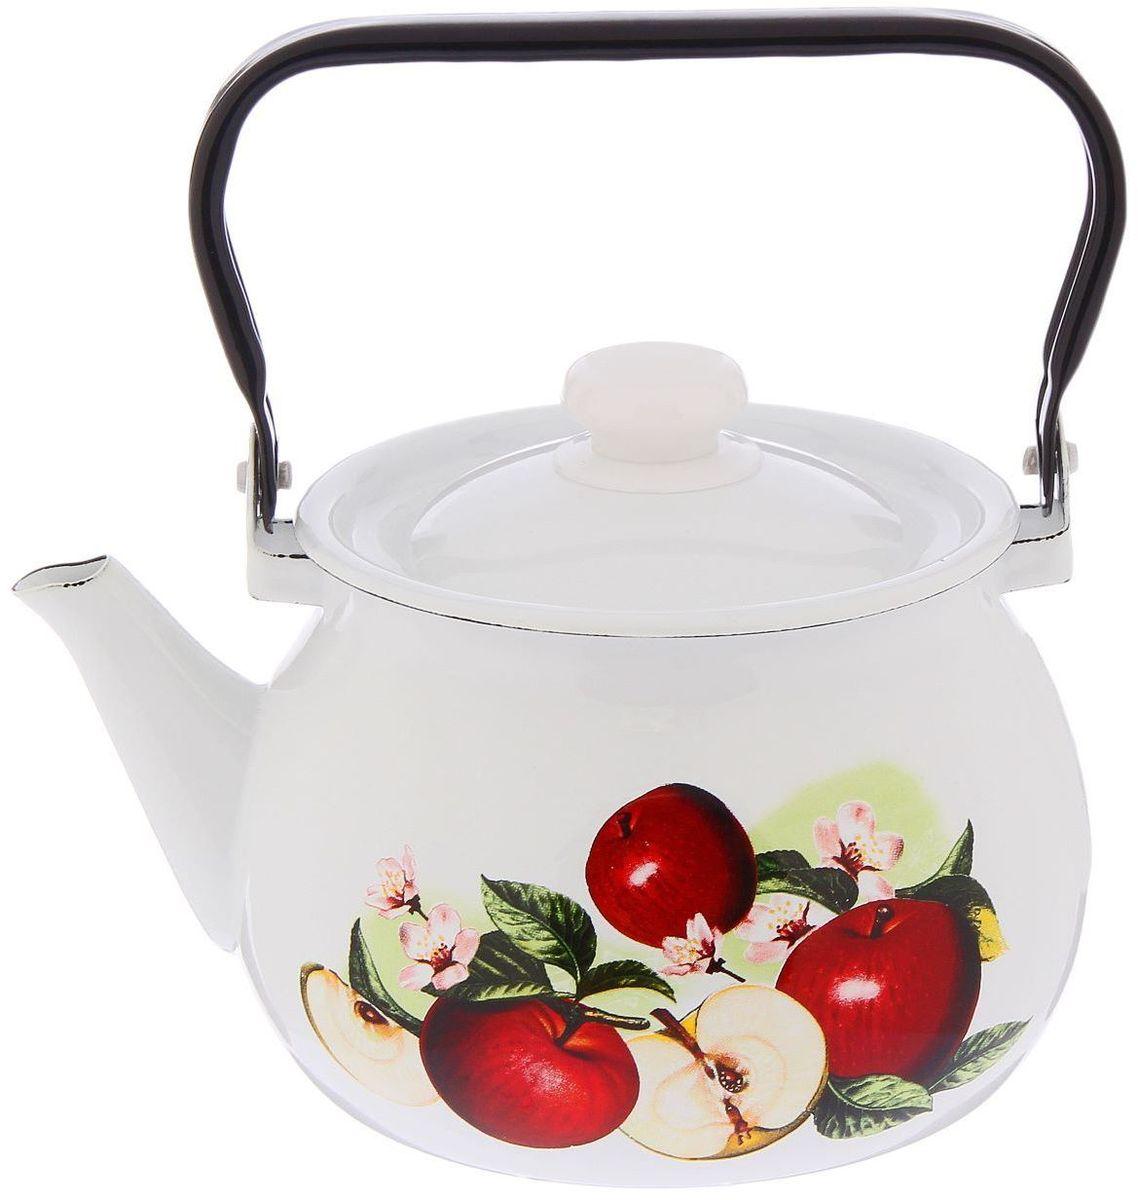 Чайник эмалированный Epos Ароматный, 2 л115510Чайник Epos Ароматный выполнен из высококачественной стали с эмалированным покрытием. Поверхность чайникагладкая, что облегчает уход за ним. Большой объемпозволит приготовить напиток для всей семьи илинебольшой компании. Эстетичный и функциональный чайник будеторигинально смотреться в любом интерьере. Душевная атмосфера и со вкусом накрытый стол всегда будут собирать в вашем доме близких и друзей.Чайник подходит для использования на всех типах плит,включая индукционные. Объем: 2 л.